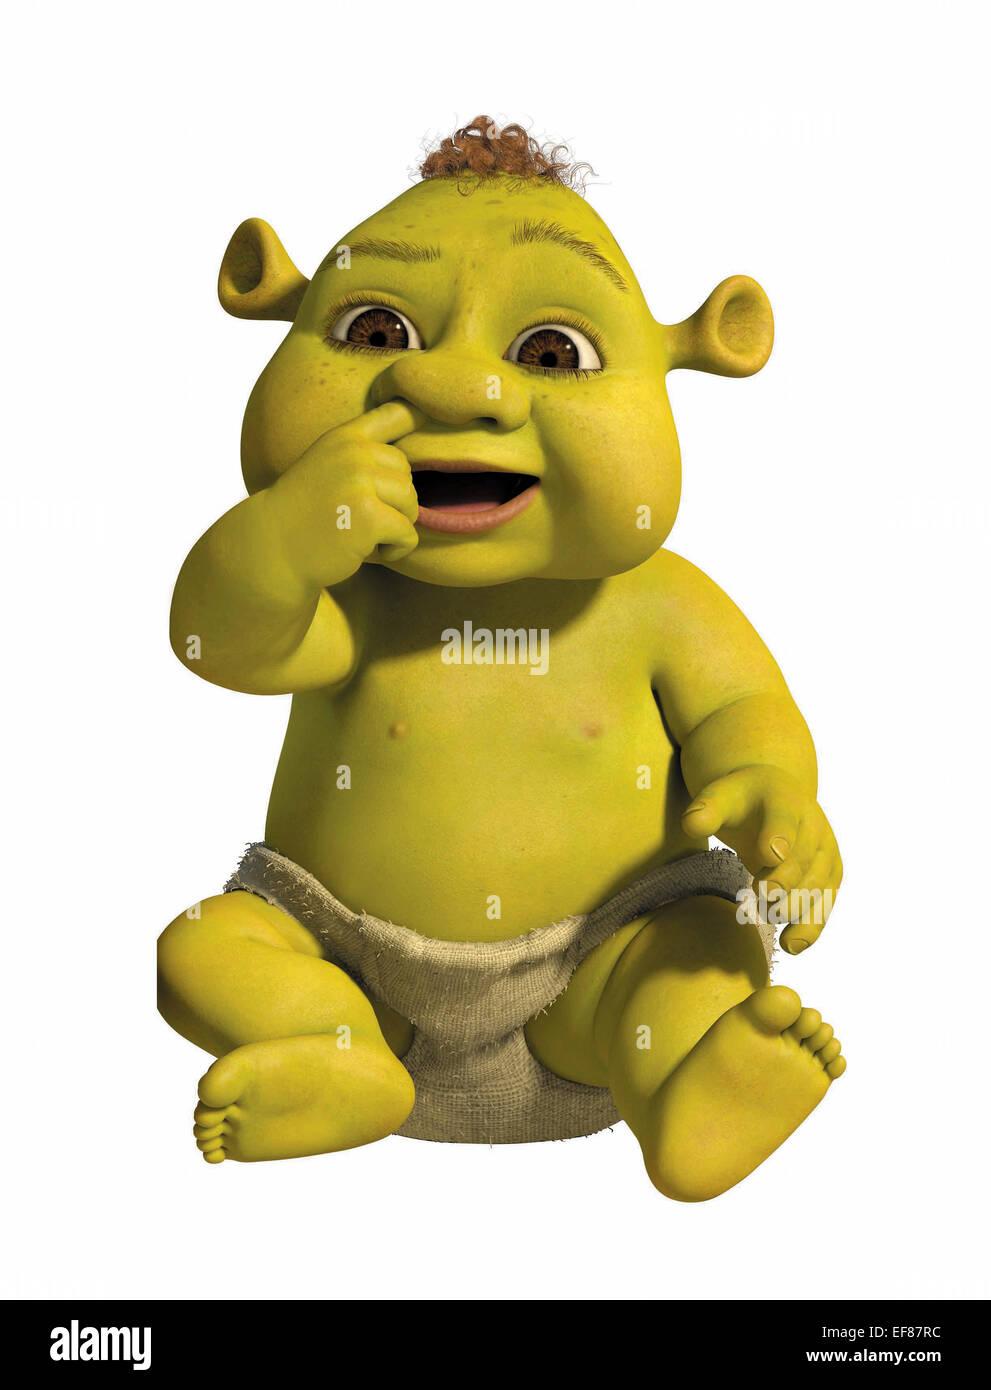 Ogre Baby Shrek The Third Shrek 3 2007 Stock Photo